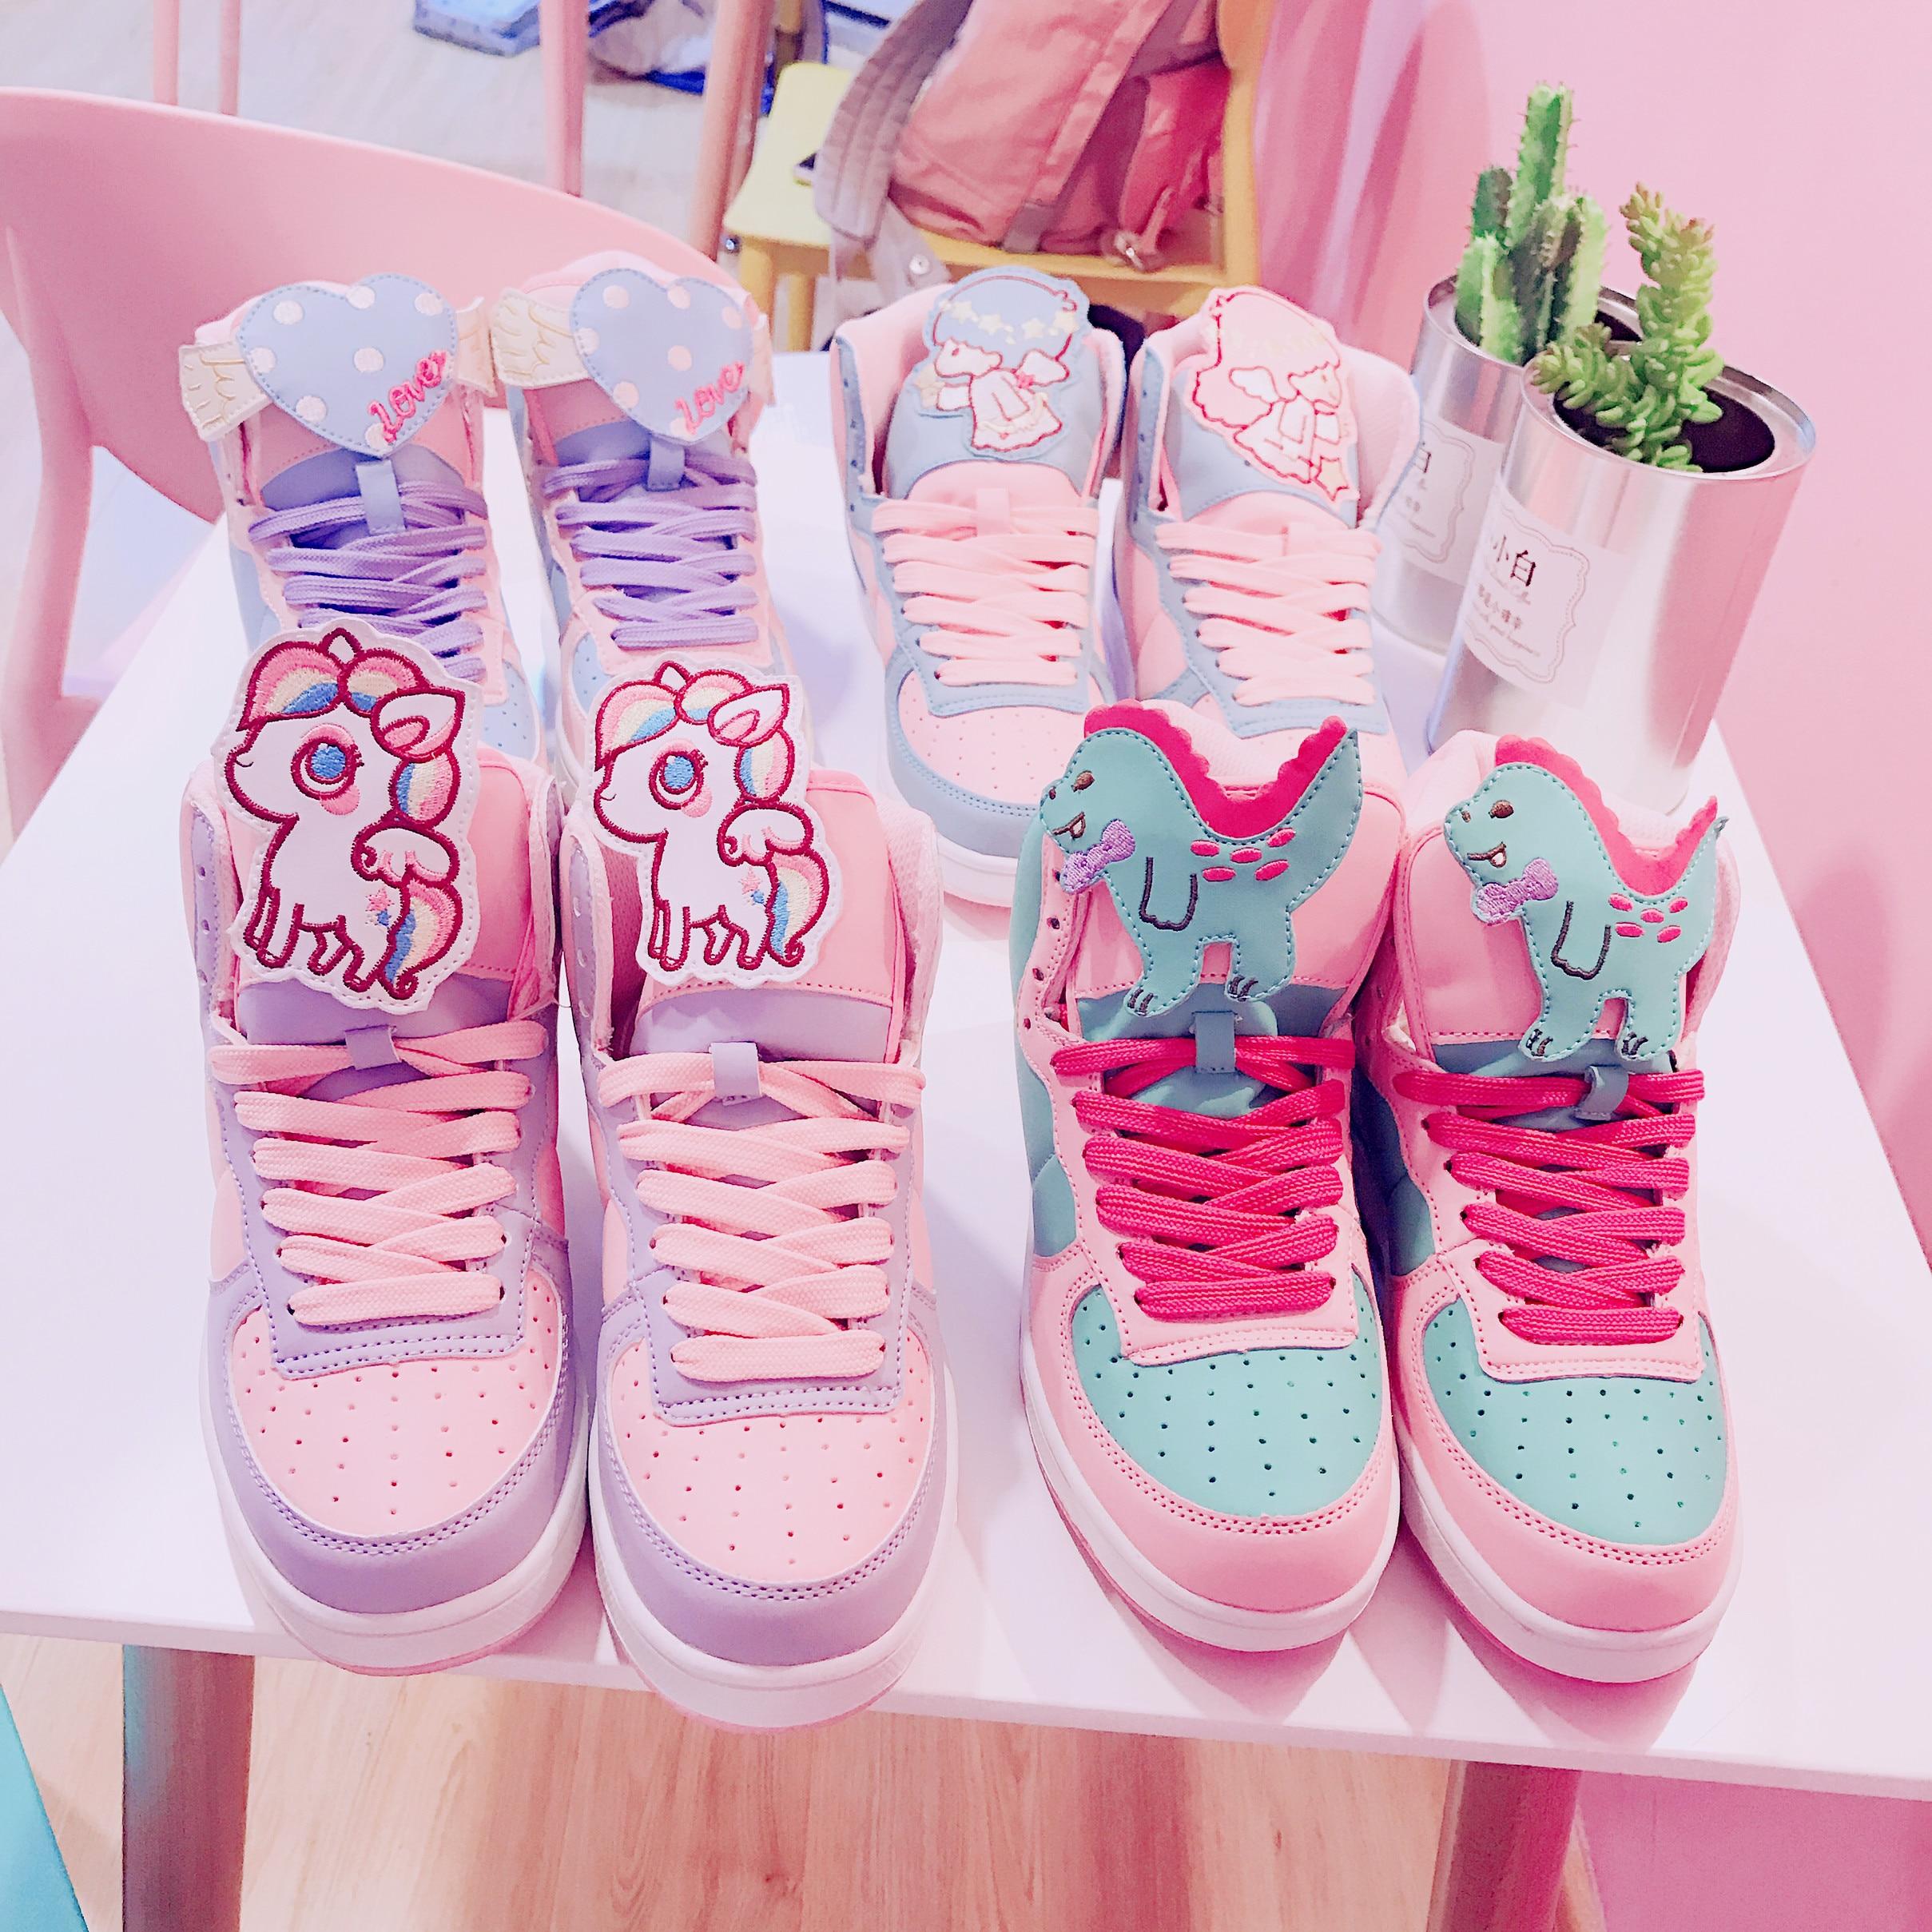 حذاء تأثيري ياباني ناعم لوليتا للنساء ، كعب مسطح ورأس دائري ، ألوان متنوعة ، نمط كاواي لولي كوسبلاي